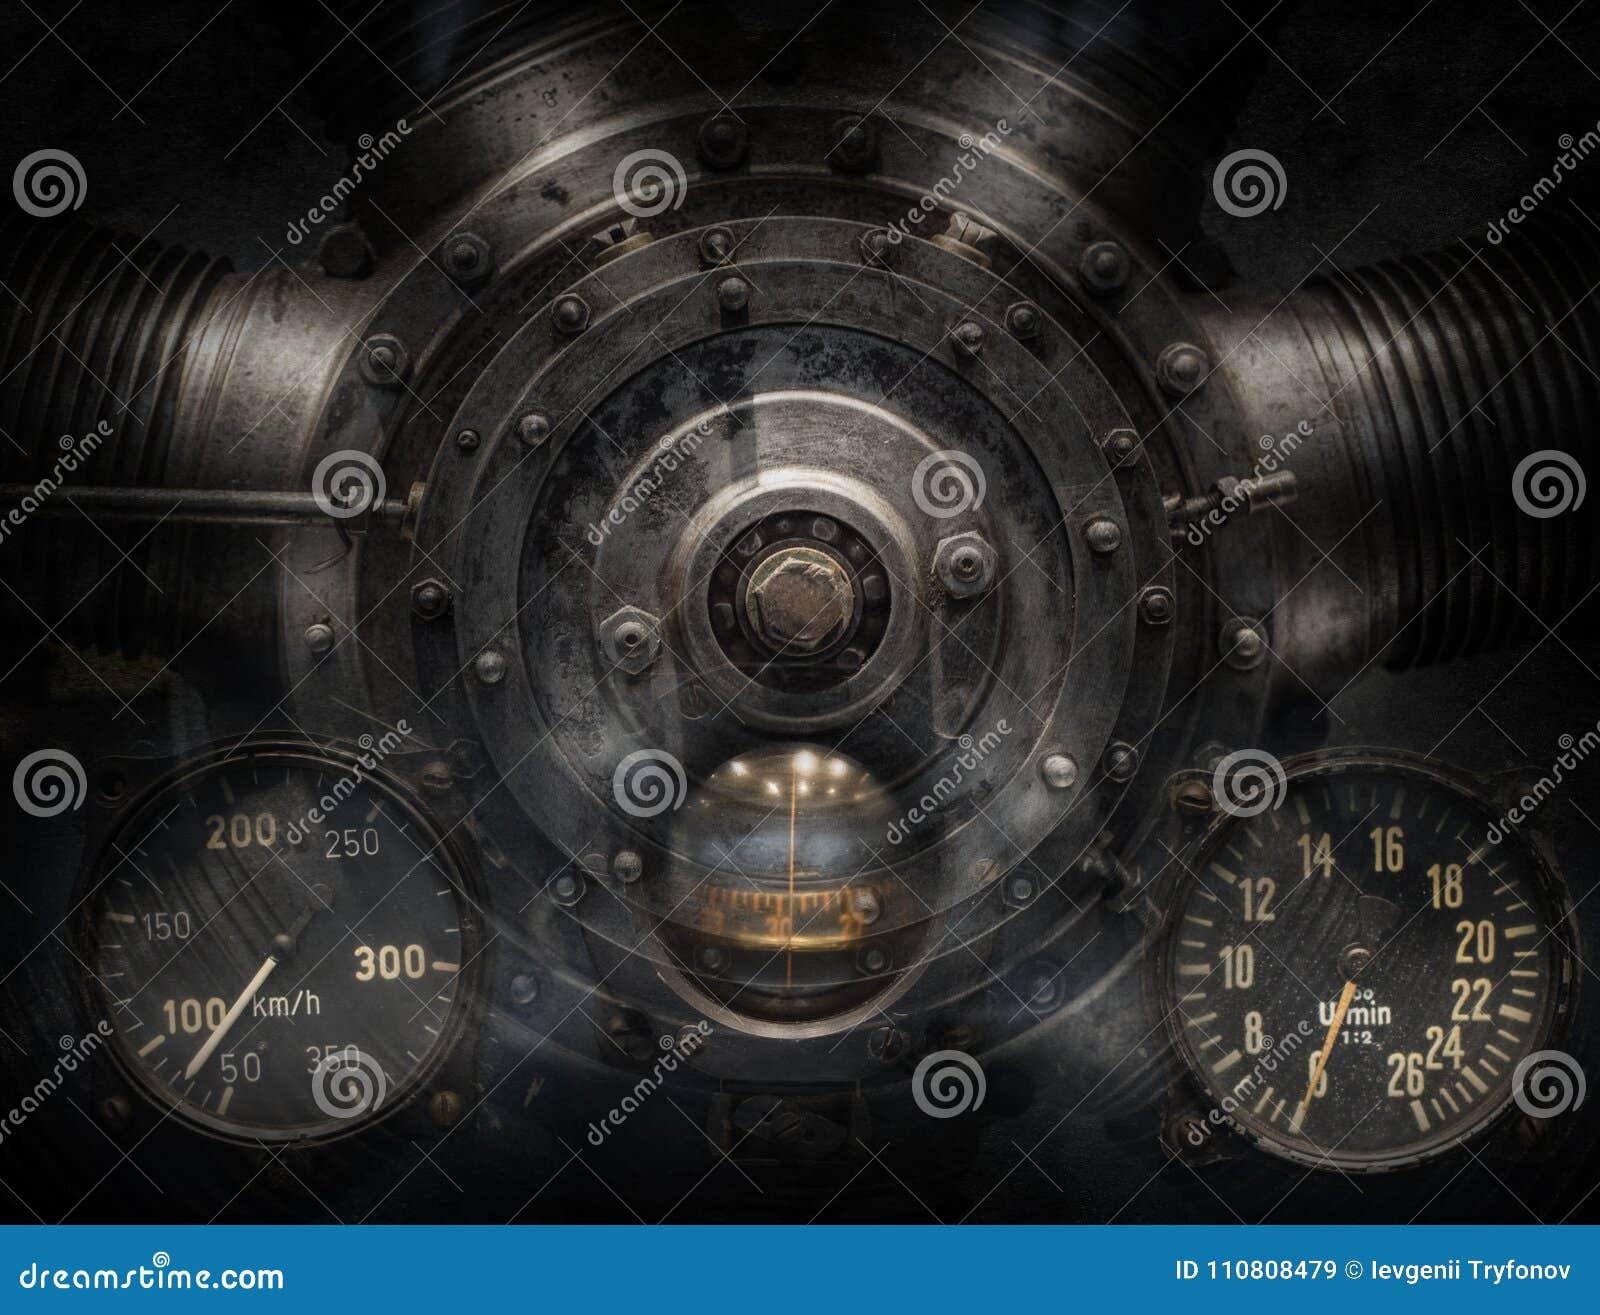 机械和Steampunk难看的东西背景拼贴画